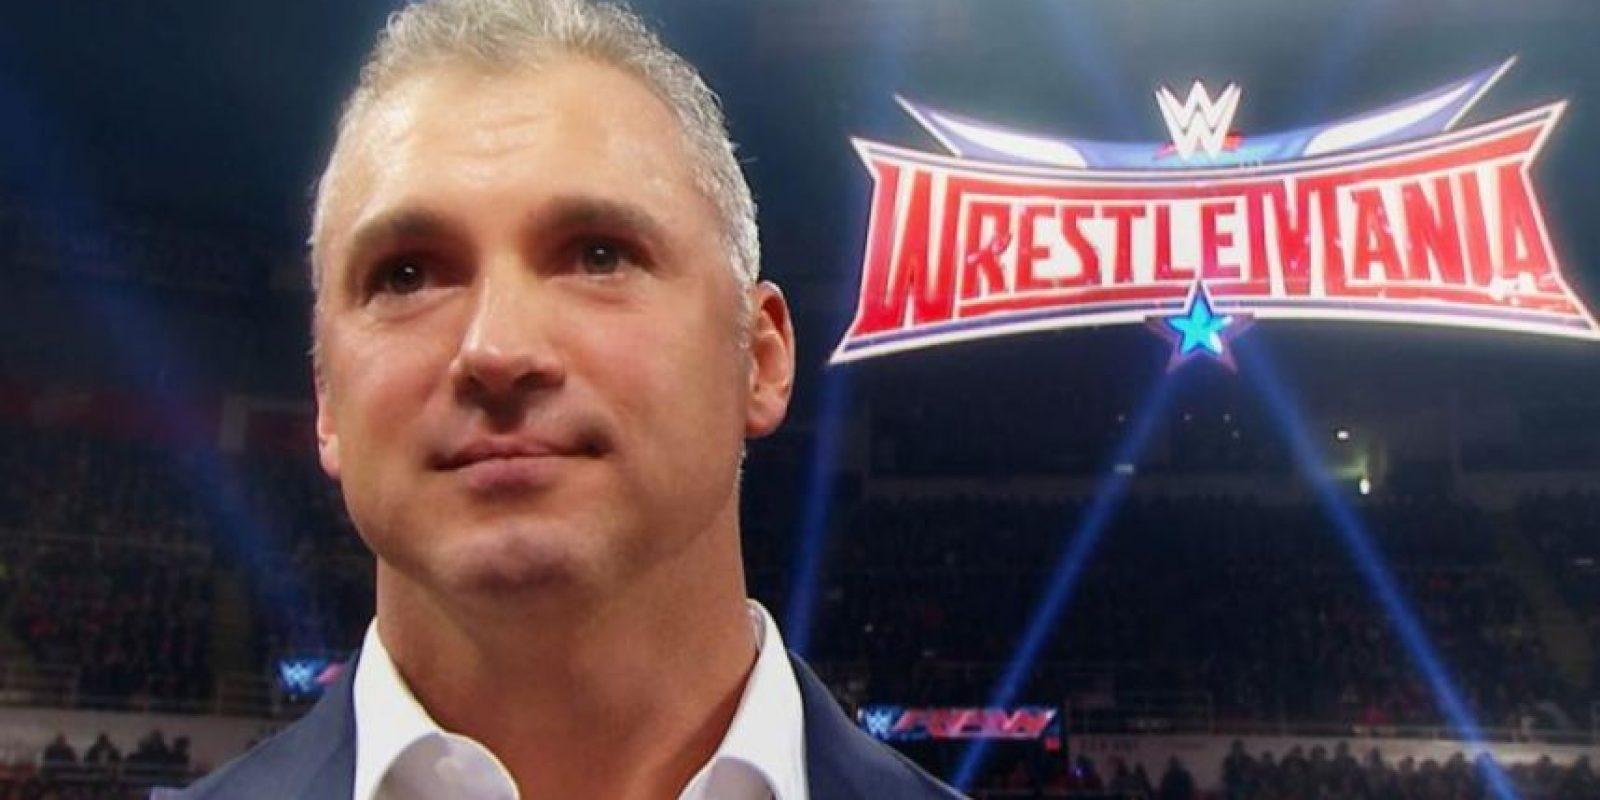 Shane cuenta con 2% de las acciones Foto:WWE